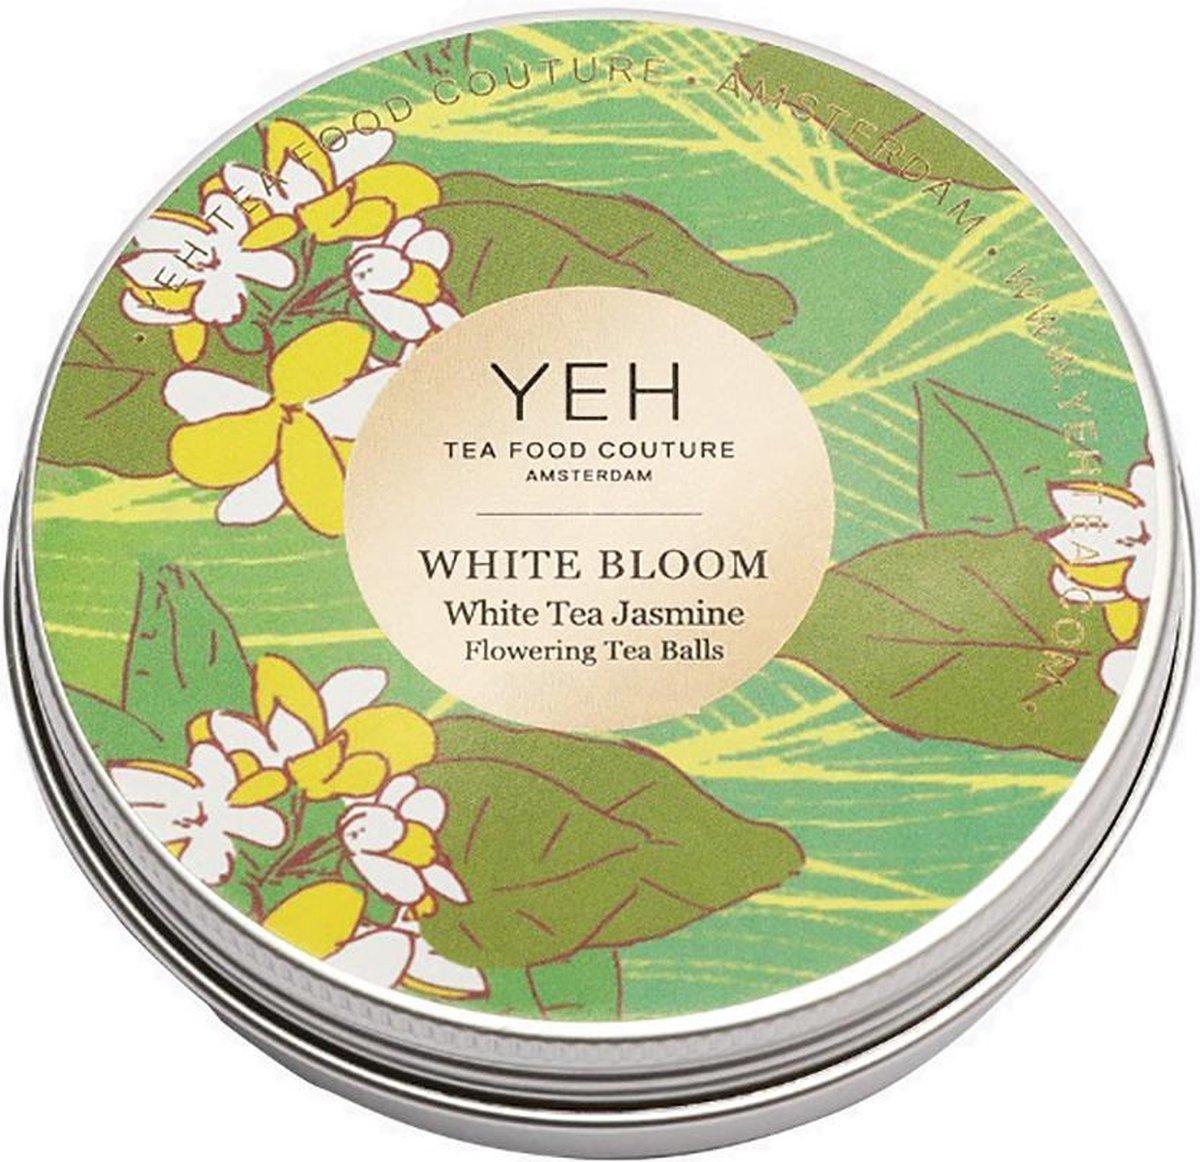 Yeh Tea - WHITE BLOOM - tin 50g (7 theebloemen) - Witte bloementhee met jasmijnsmaak - Yeh Tea